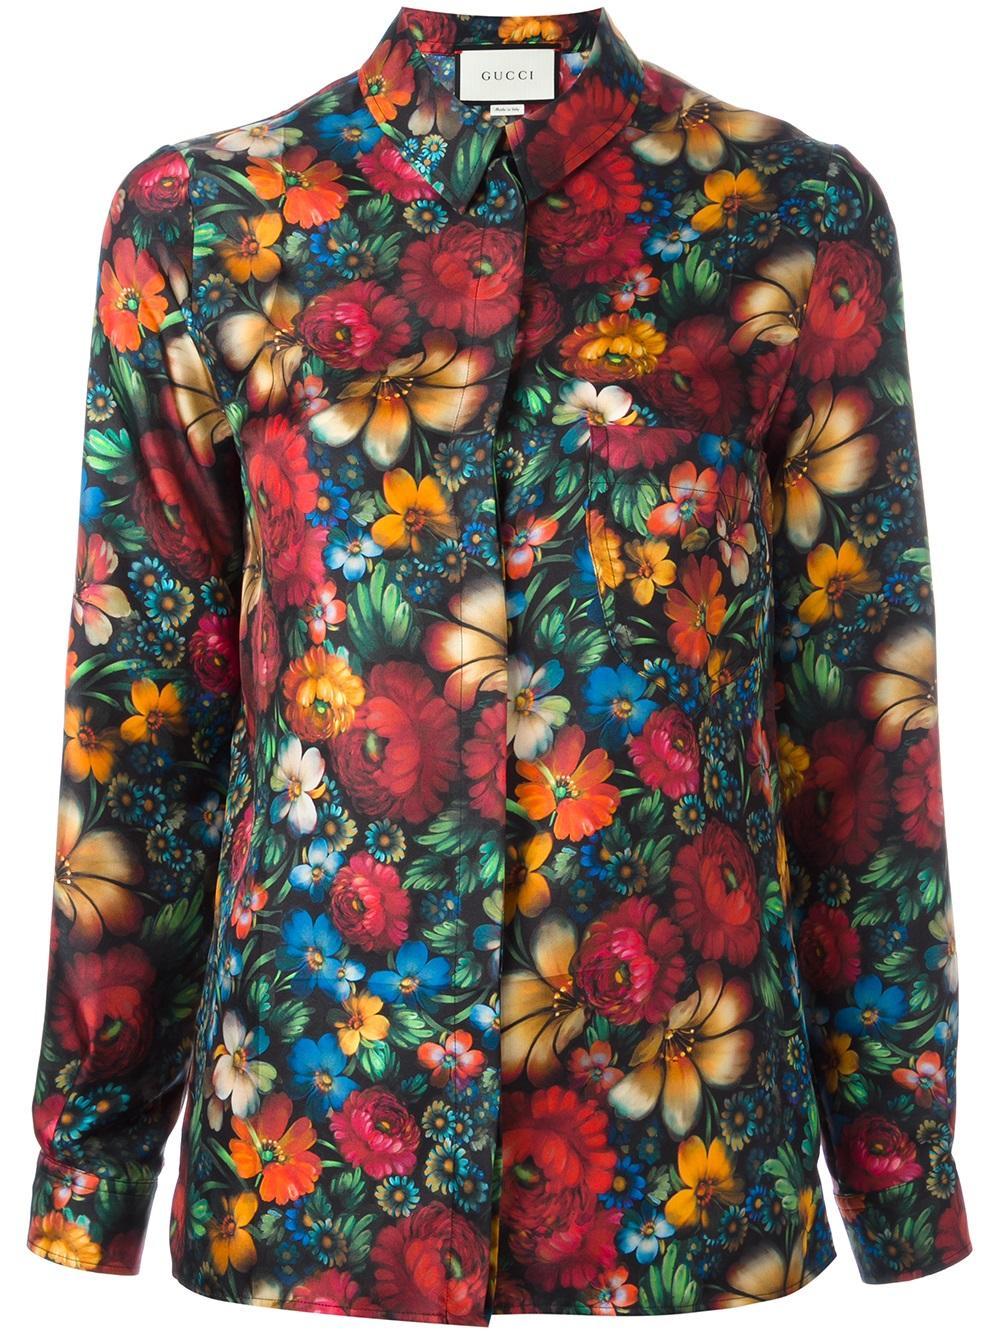 Acheter chemise gucci homme pas cher original pas cher ici en ligne avec le  prix le plus bas possible. Remises spéciales sur les nouvelles offres 2018. 376eca190eb